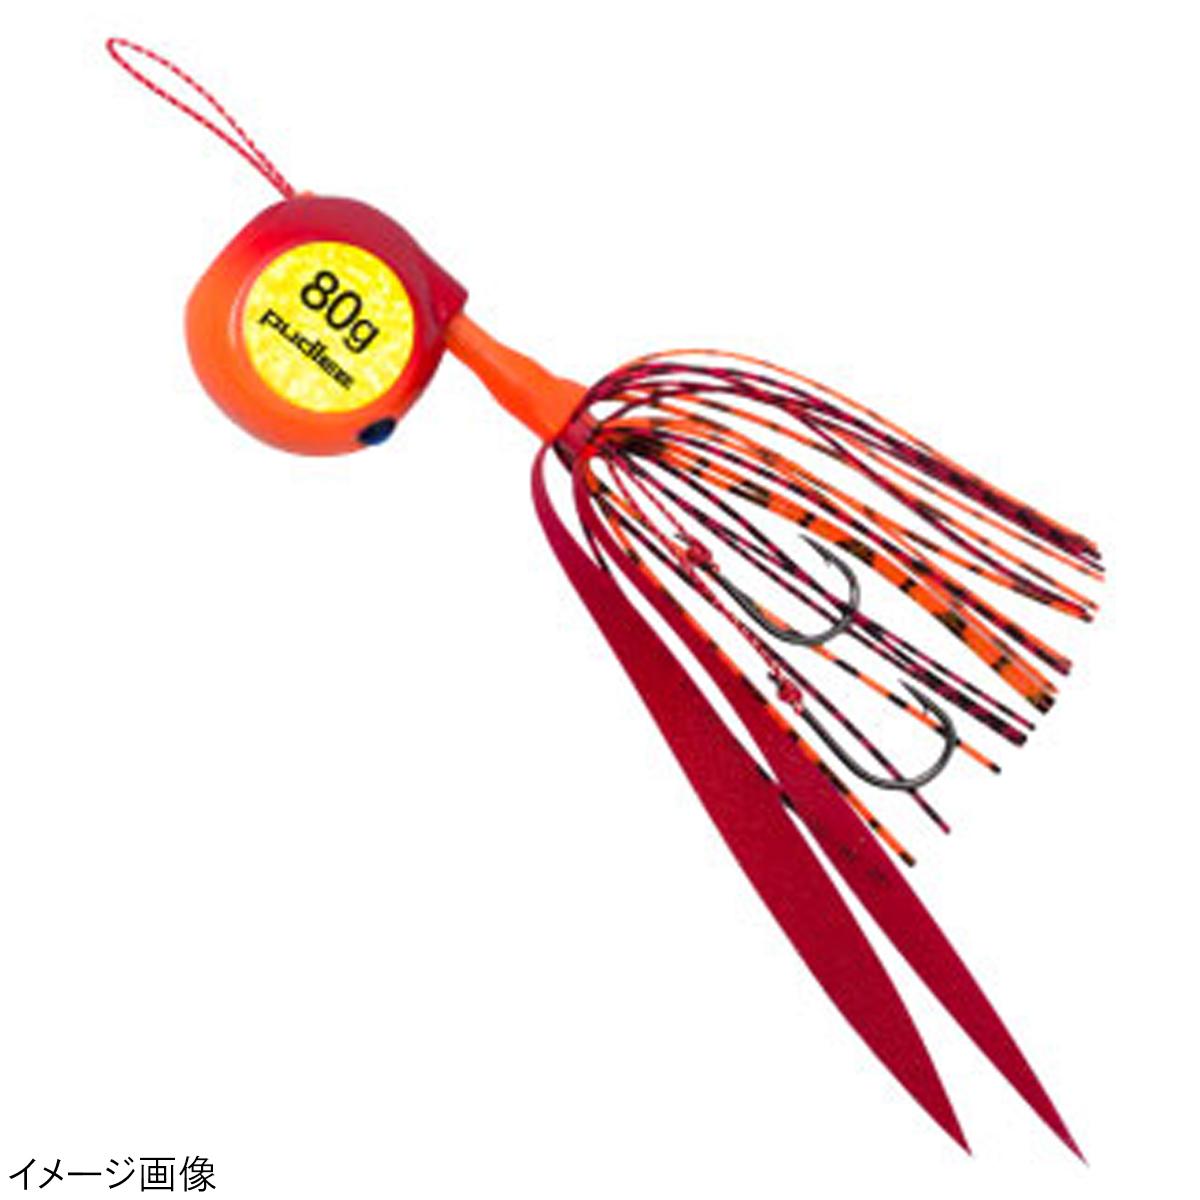 タイラバジェット 限定タイムセール TRJ-0045 80g 売り出し レッドオレンジ